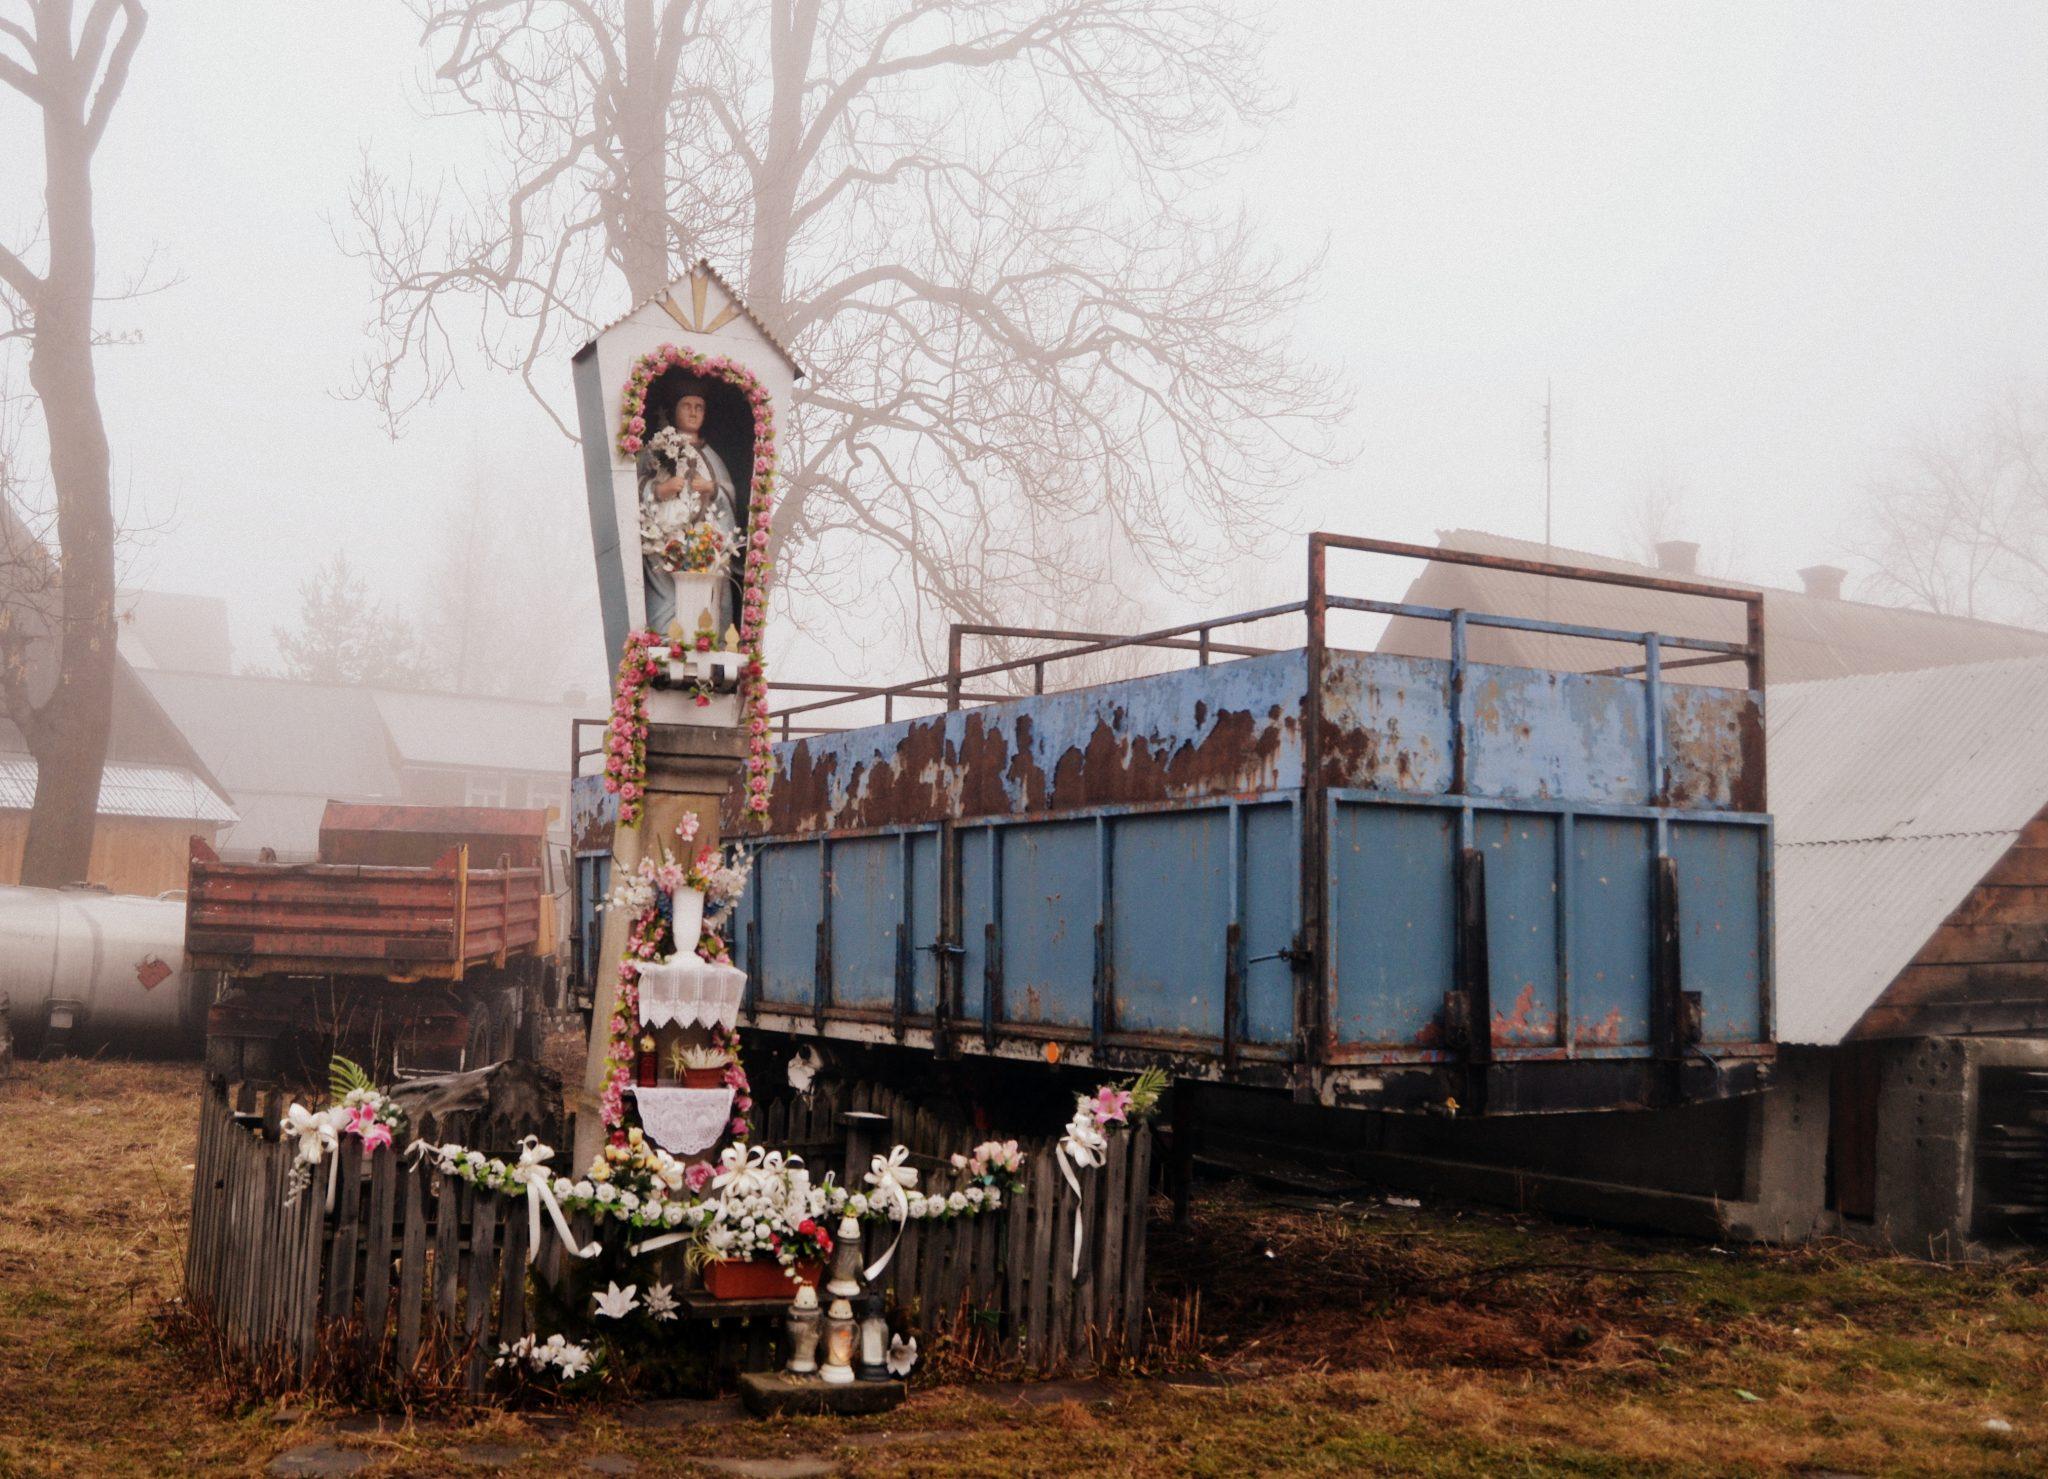 Balade photographique à Chocholow, petit village de Pologne